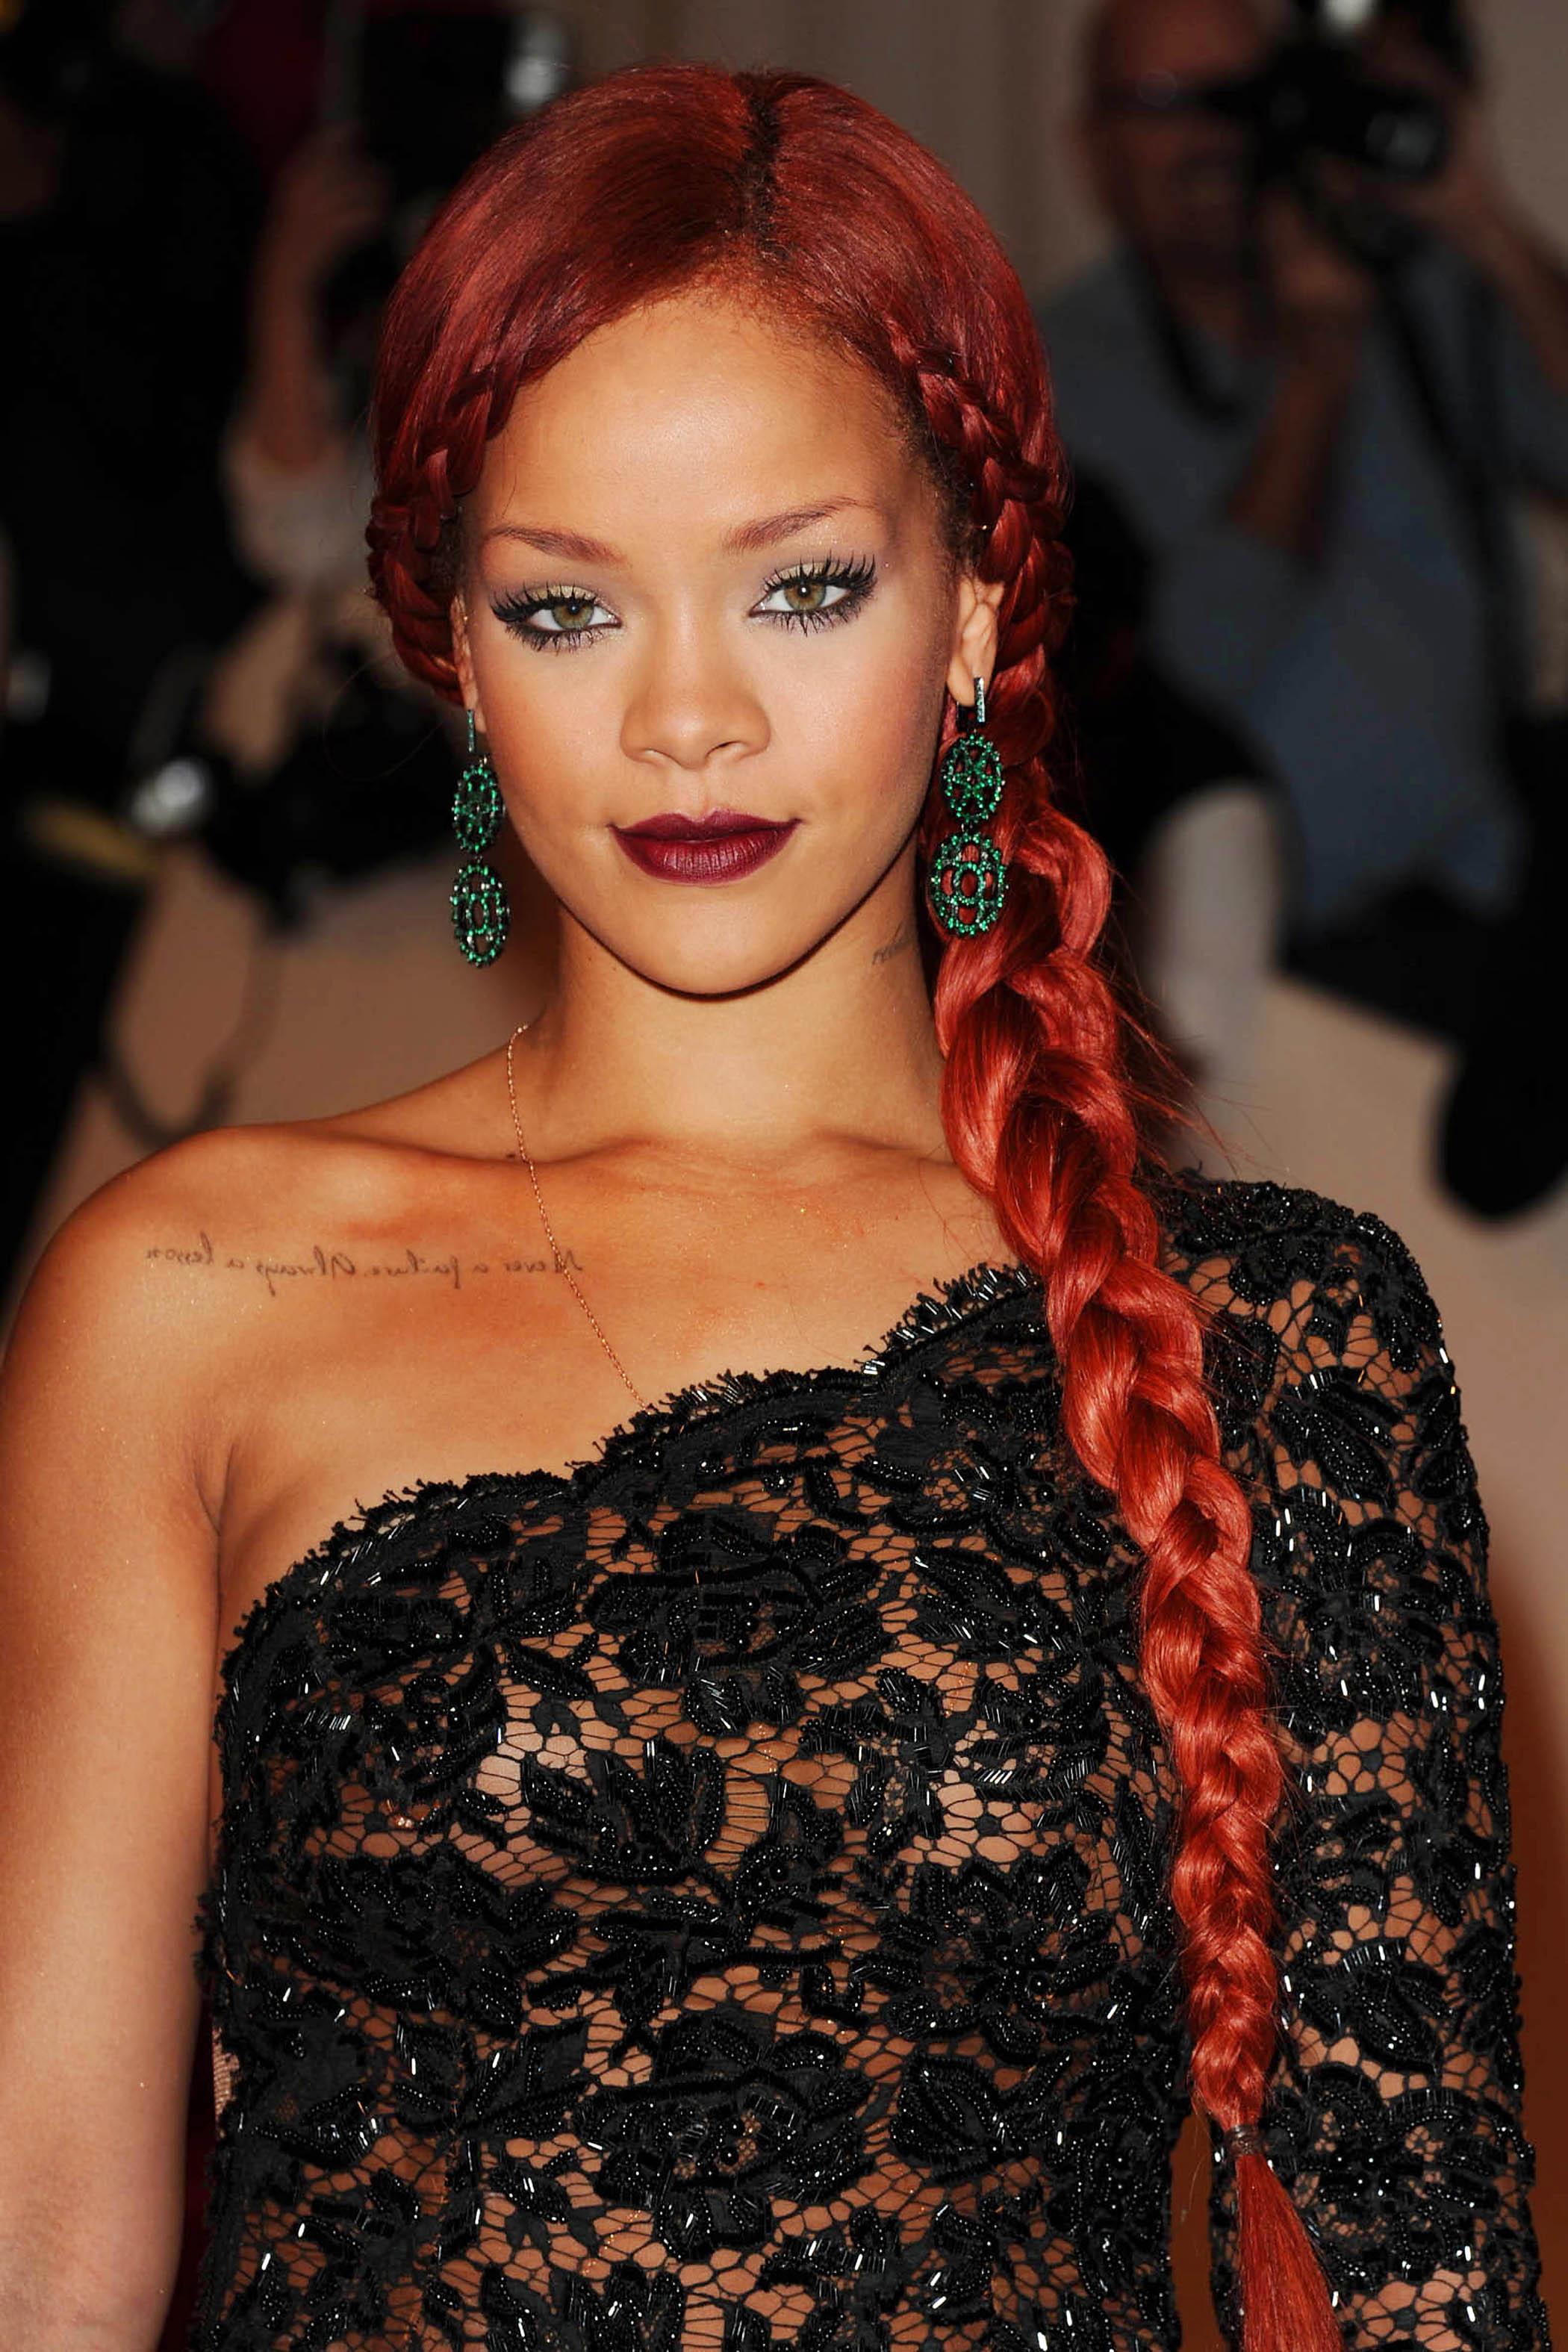 Couleur de cheveux rouge rihanna